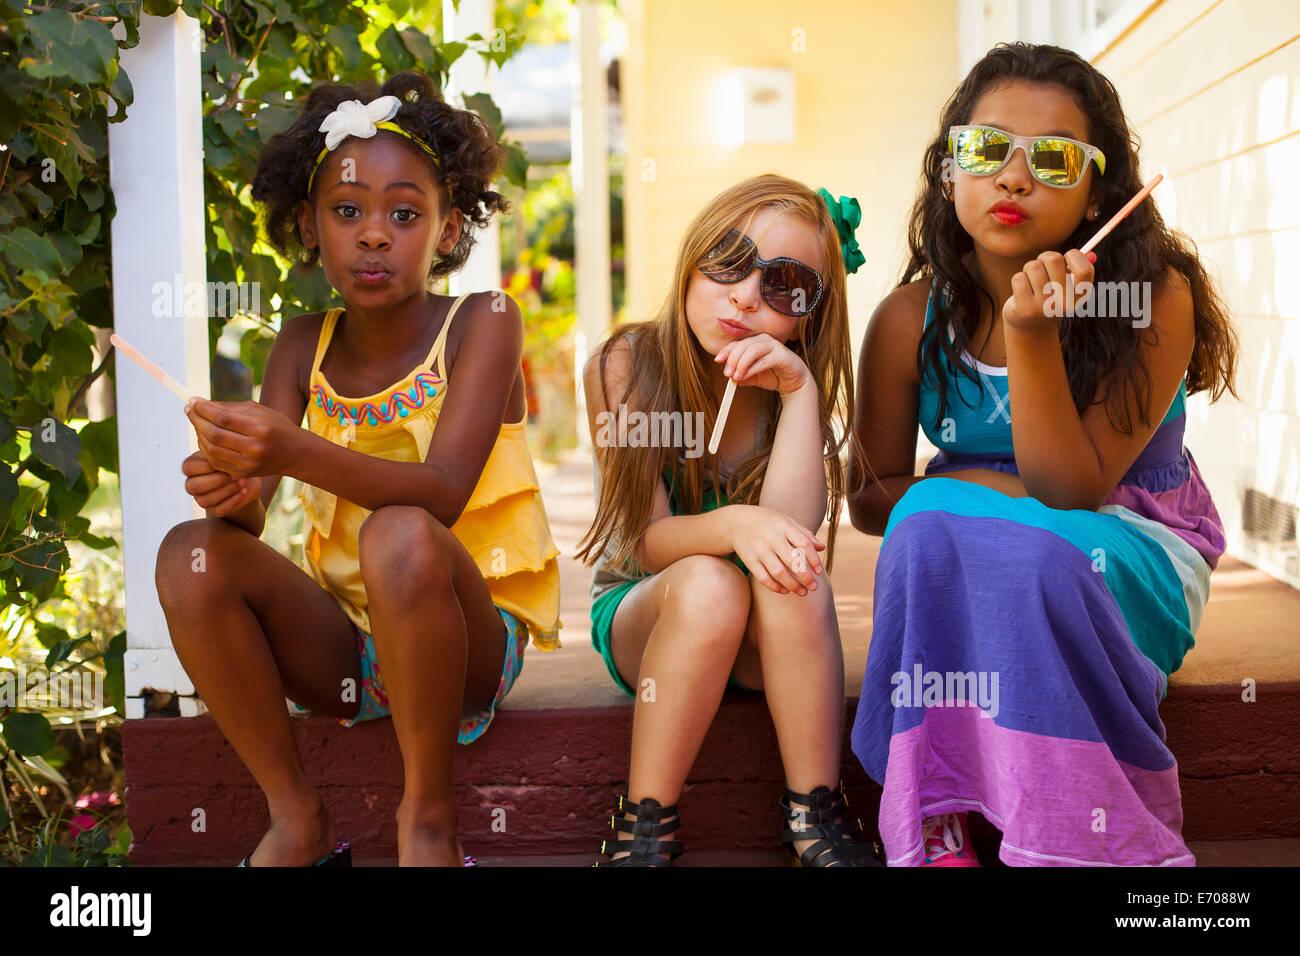 Tres niñas tirando de caras de porche Imagen De Stock